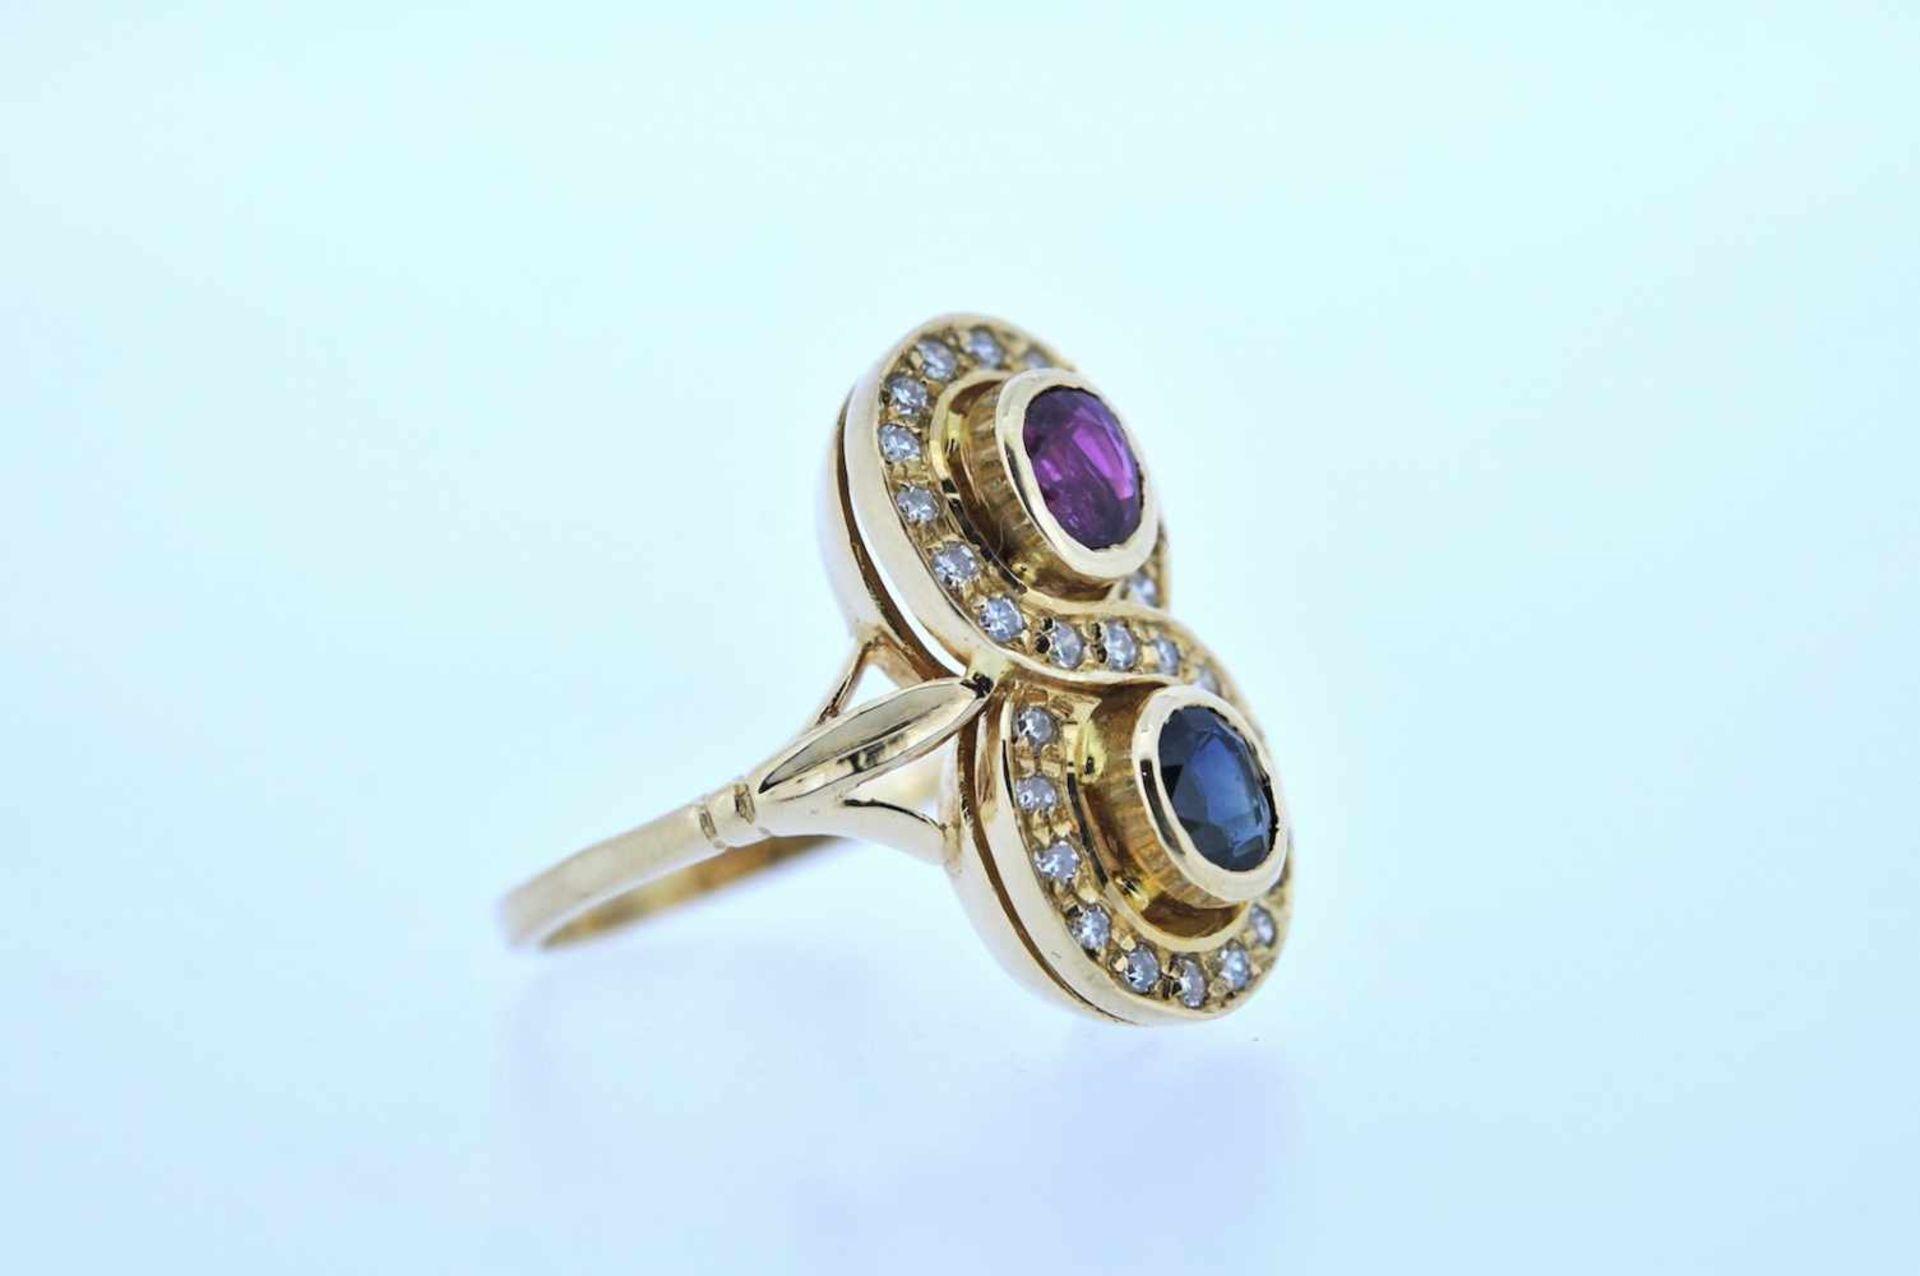 Ring Goldener Ring mit Brillanten, zus. ca. 0,20 ct und je einem Rubin und einem Saphir, zus.ca.